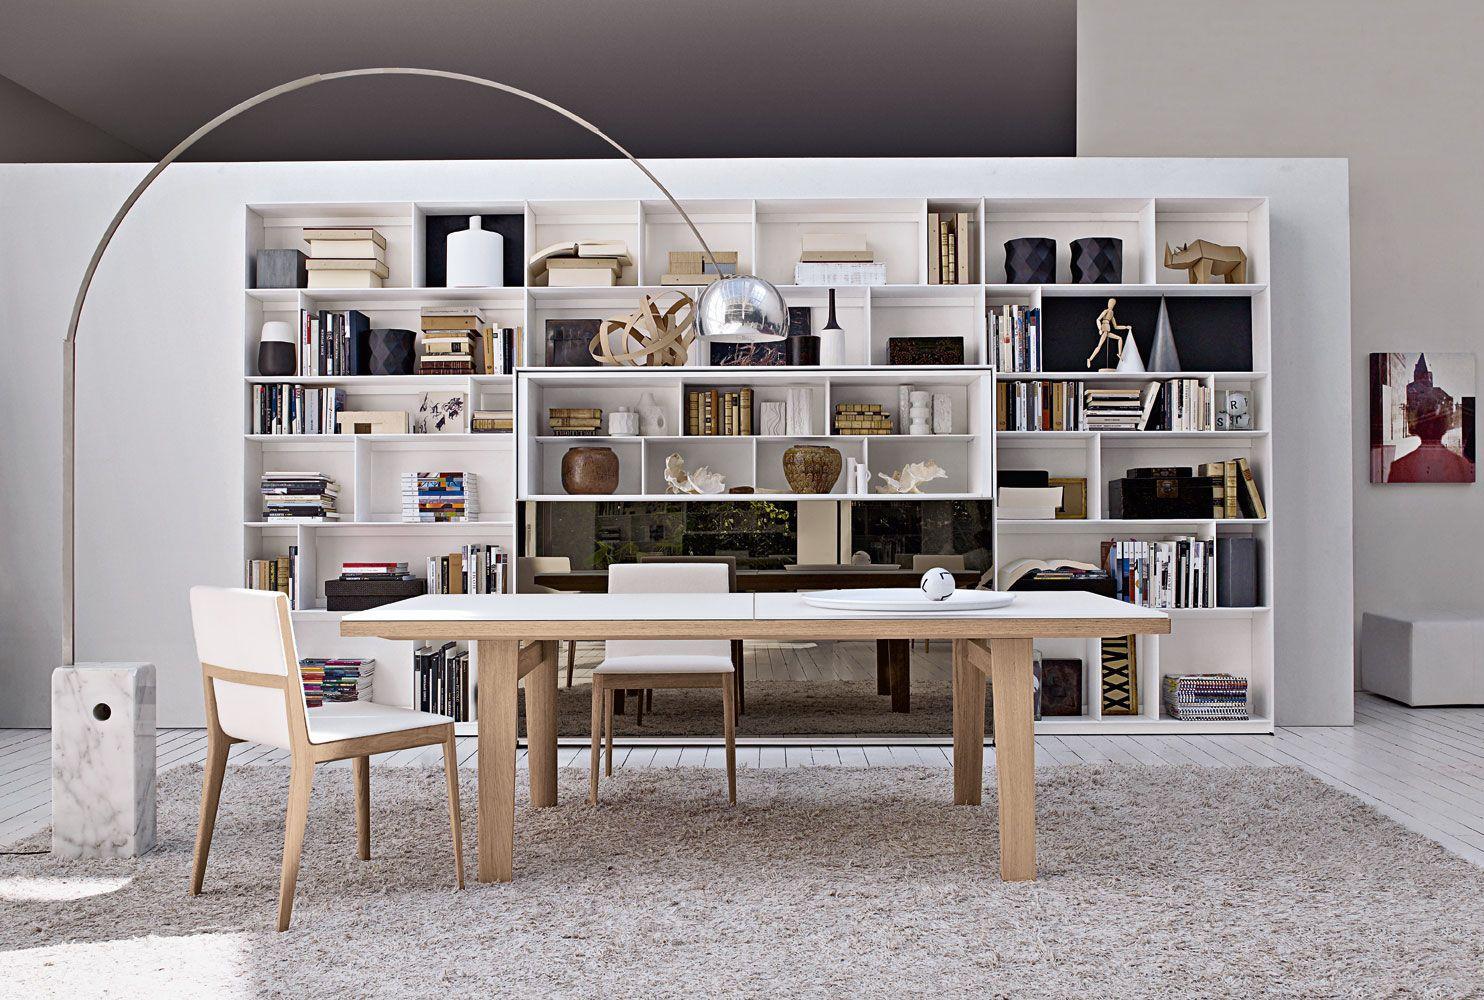 Biblioteca moderna livros biblioteca moderna muebles for Muebles bibliotecas para living